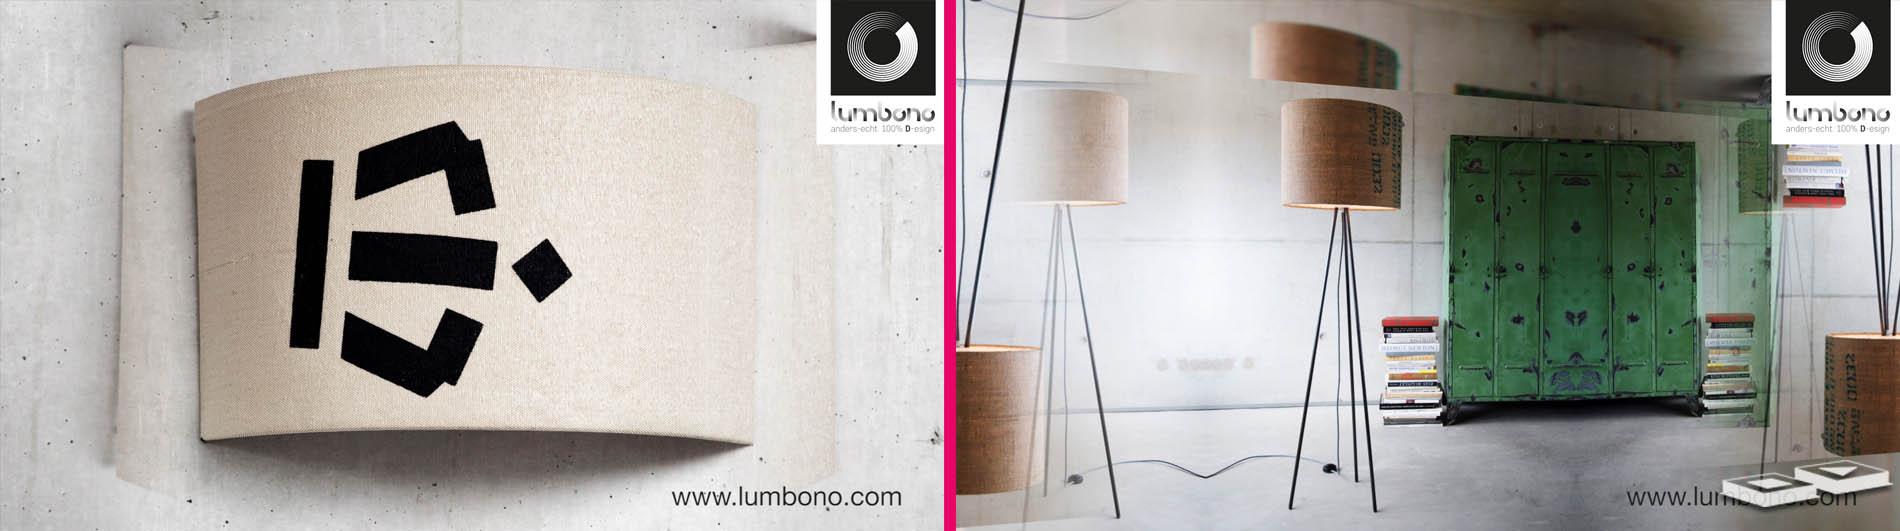 20170226-lumbono